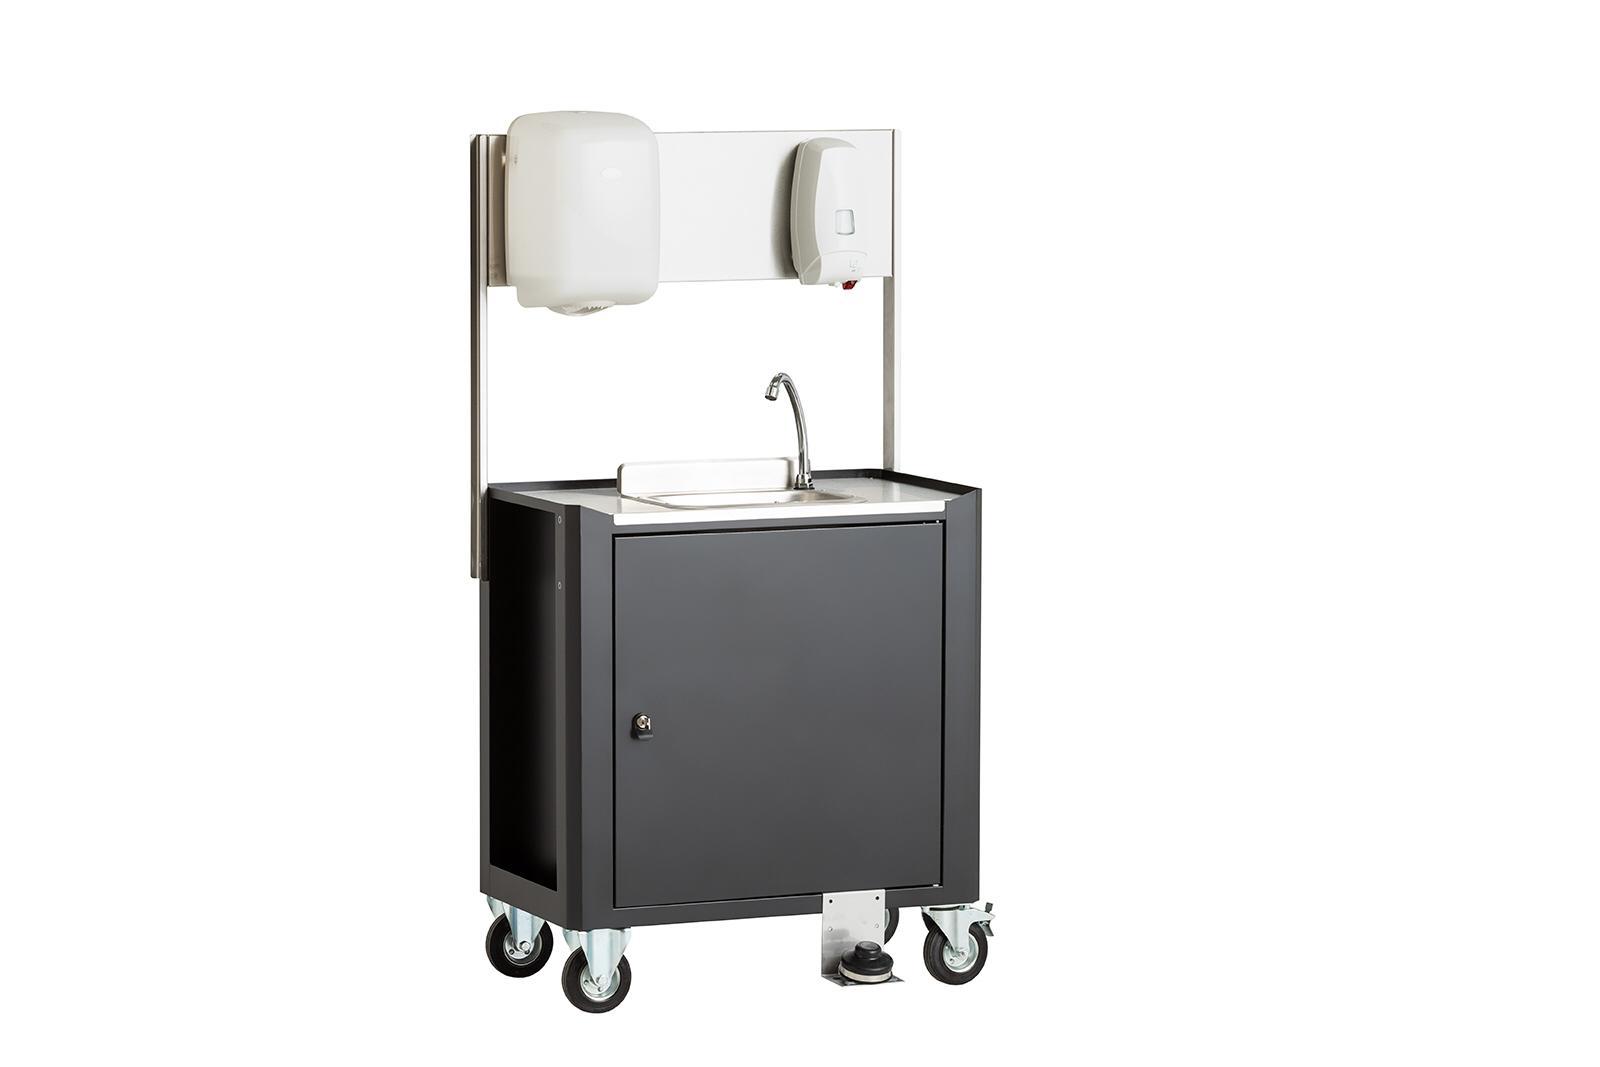 Foto dell'unità di lavanderia mobile 1